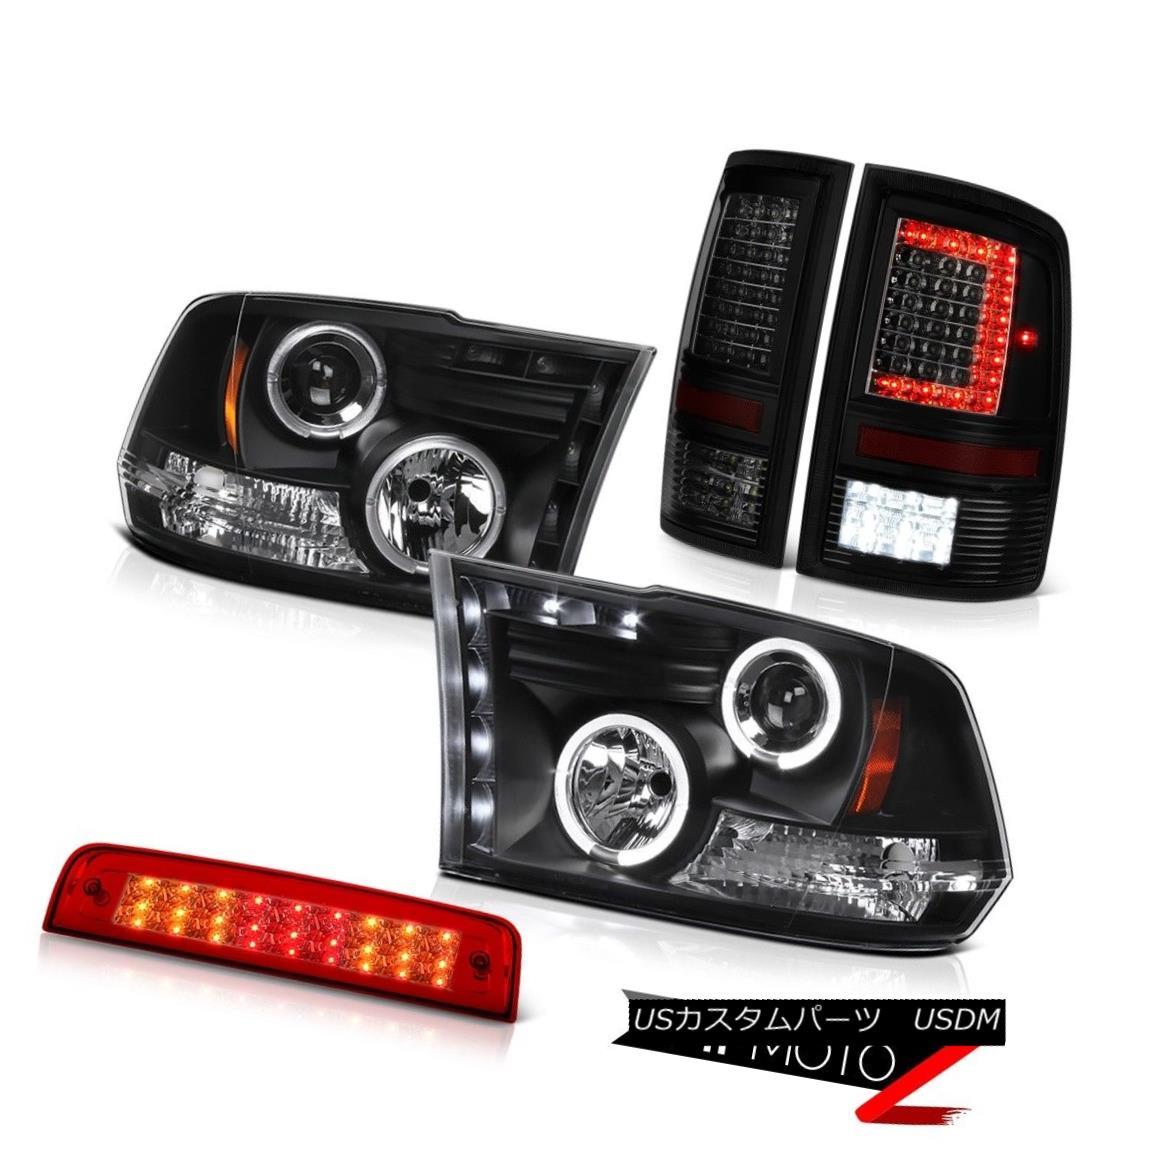 テールライト 2009-2018 Dodge RAM 1500 Tail Lights Rosso Red Third Brake Black Headlights PAIR 2009-2018ダッジRAM 1500テールライトロッソレッド第3ブレーキブラックヘッドライトペア